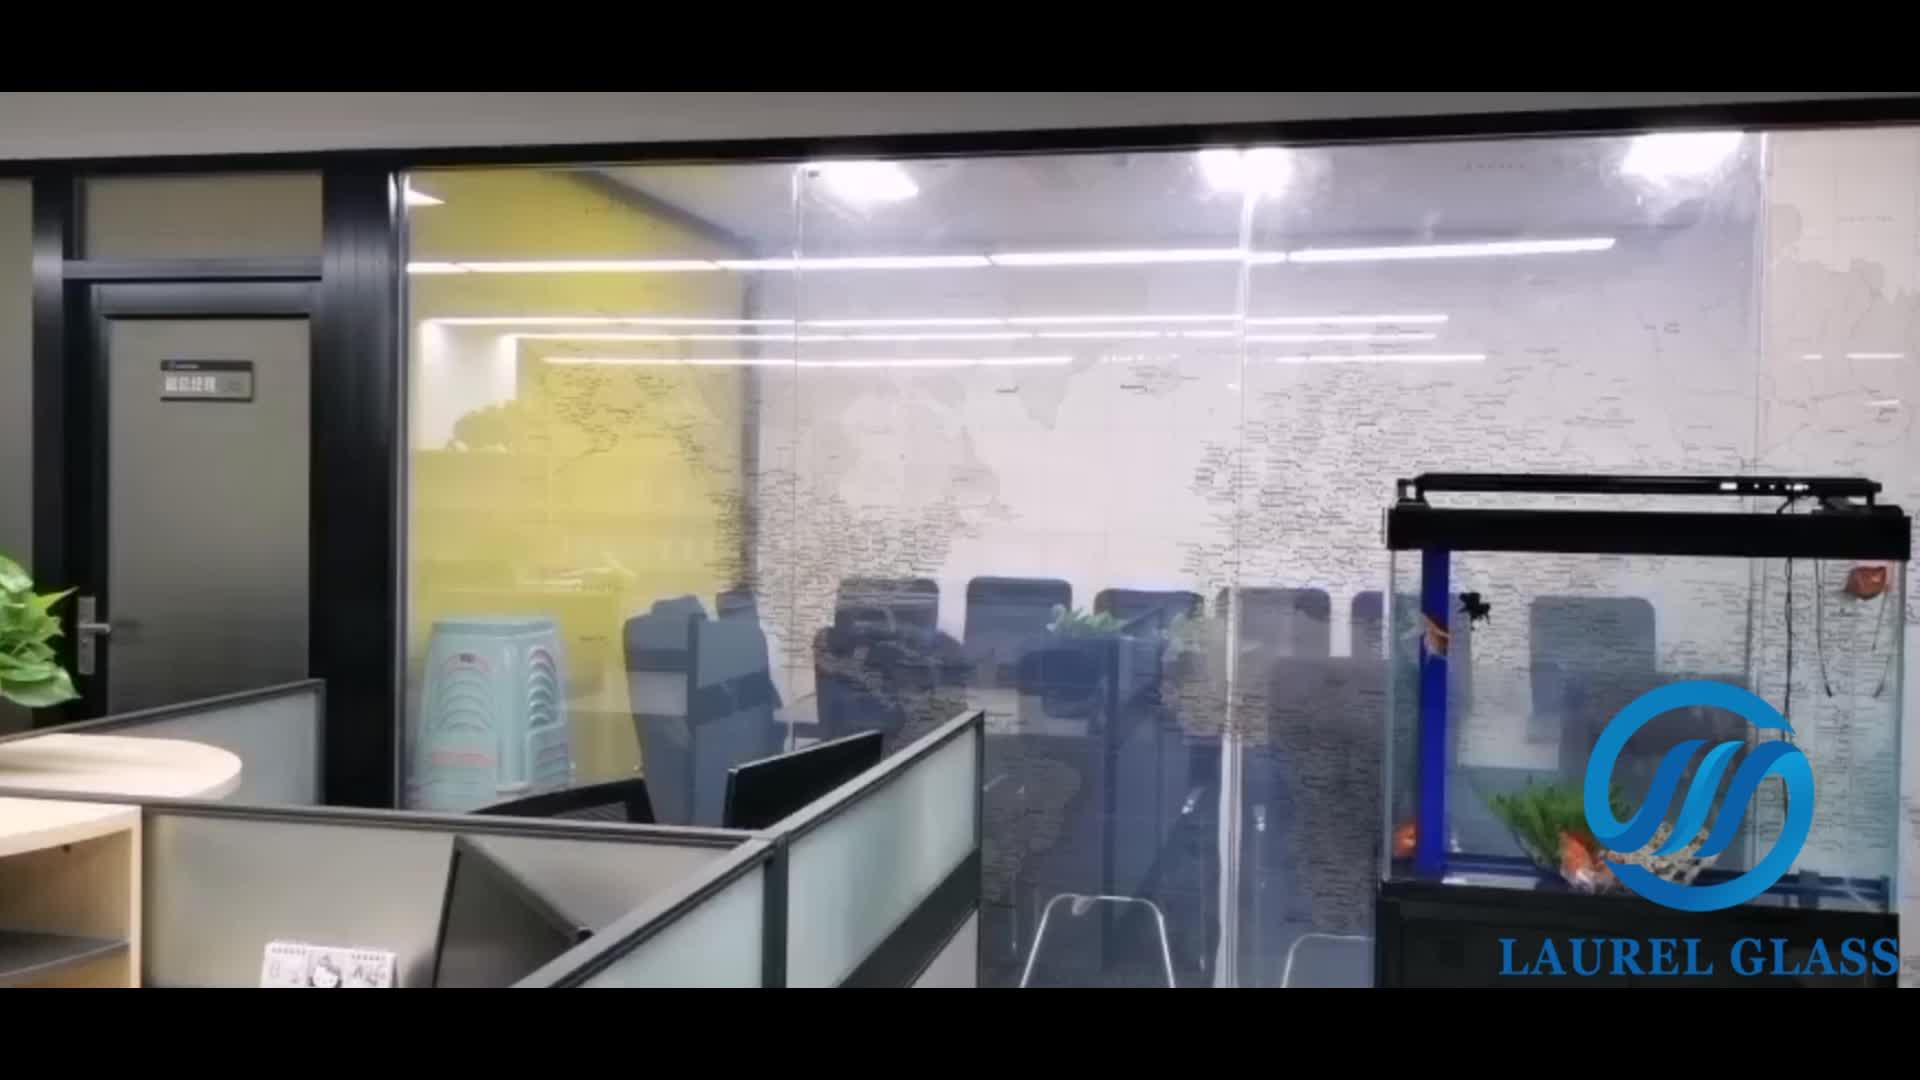 แก้วตกแต่งสมาร์ท Energy ผนังกั้นกระจก